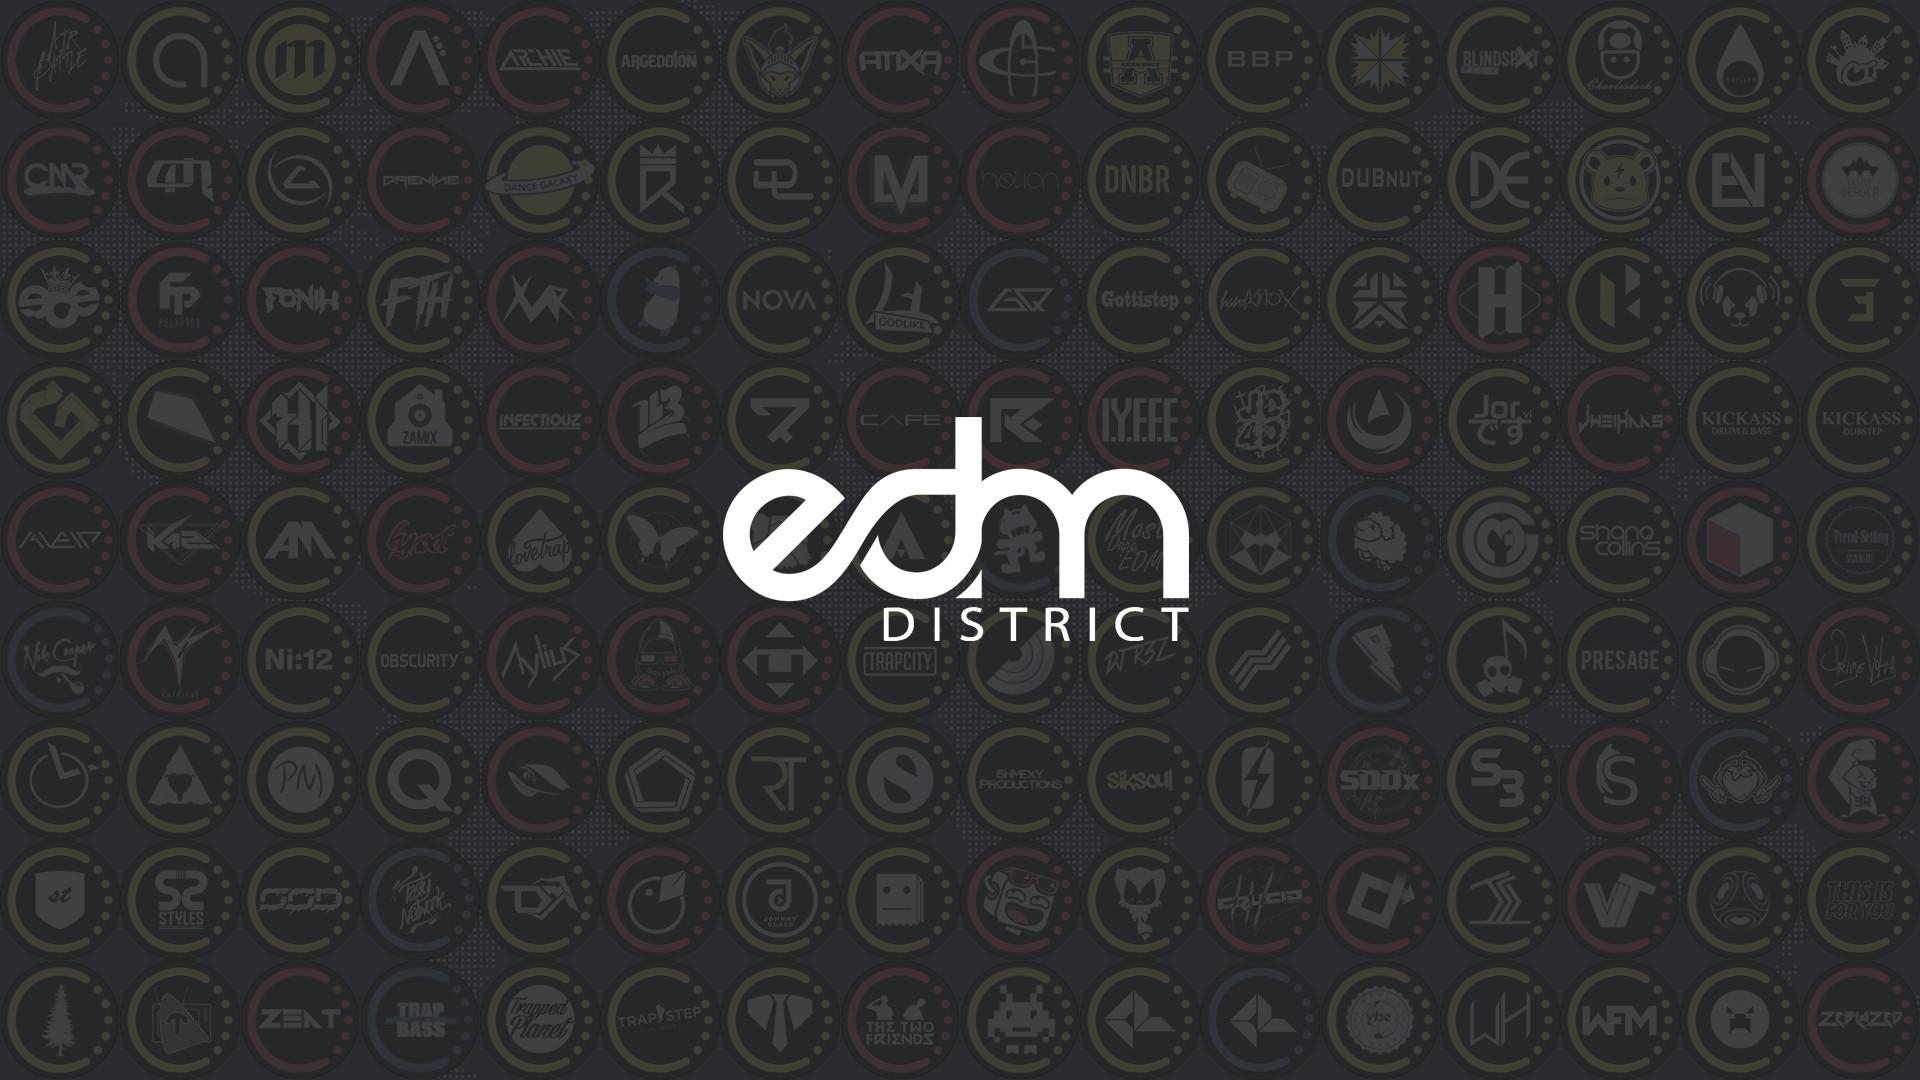 edm wallpaper hd 74 images